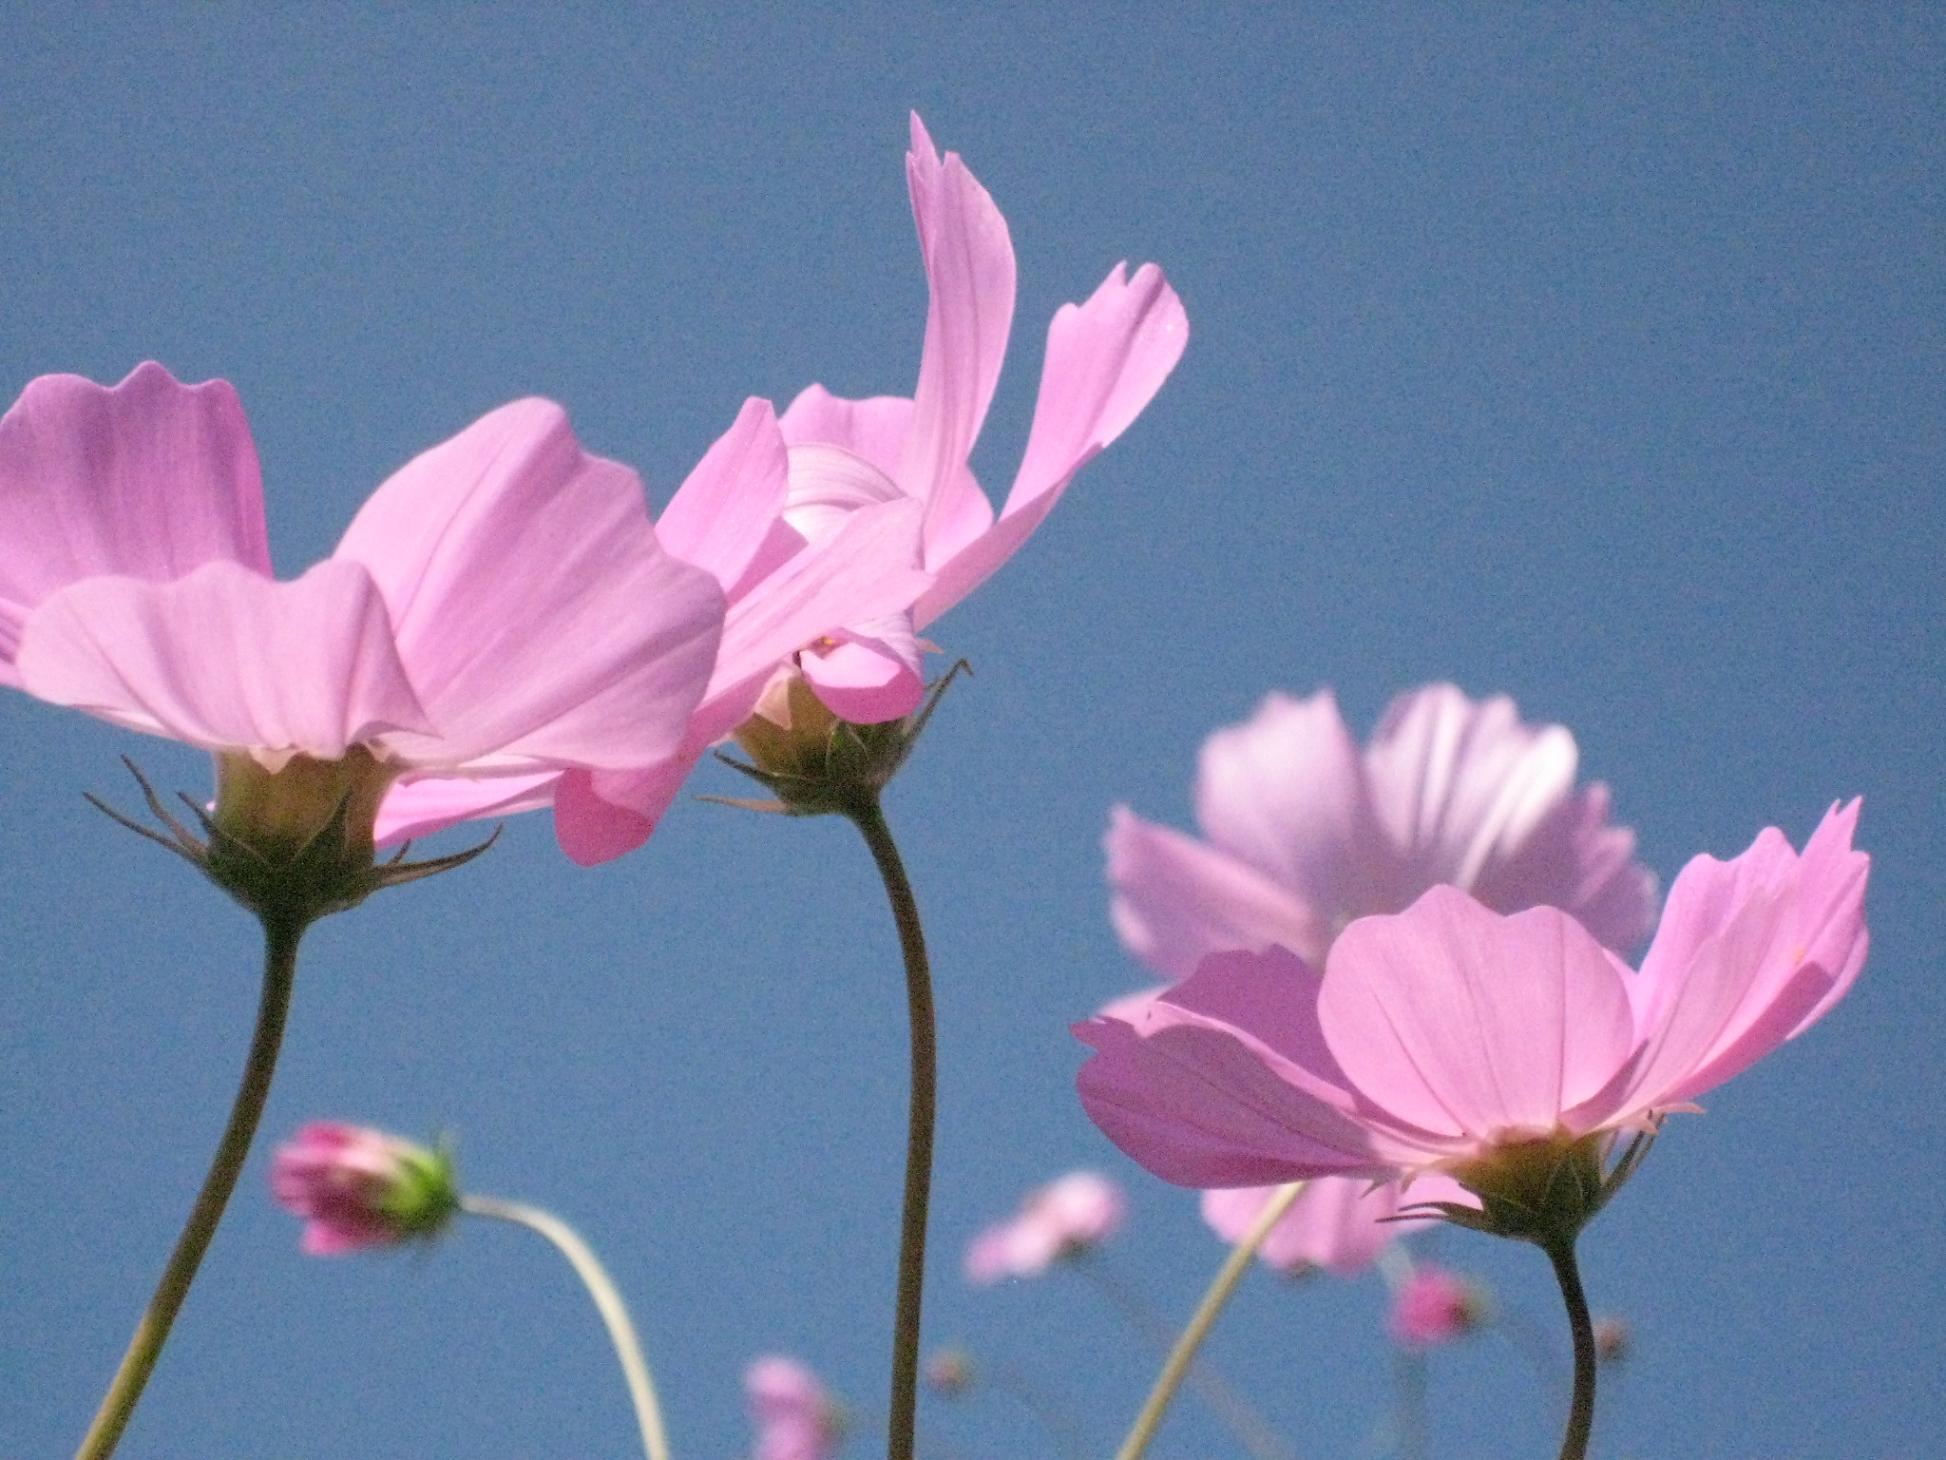 秋桜の咲く頃***_e0290872_532573.jpg